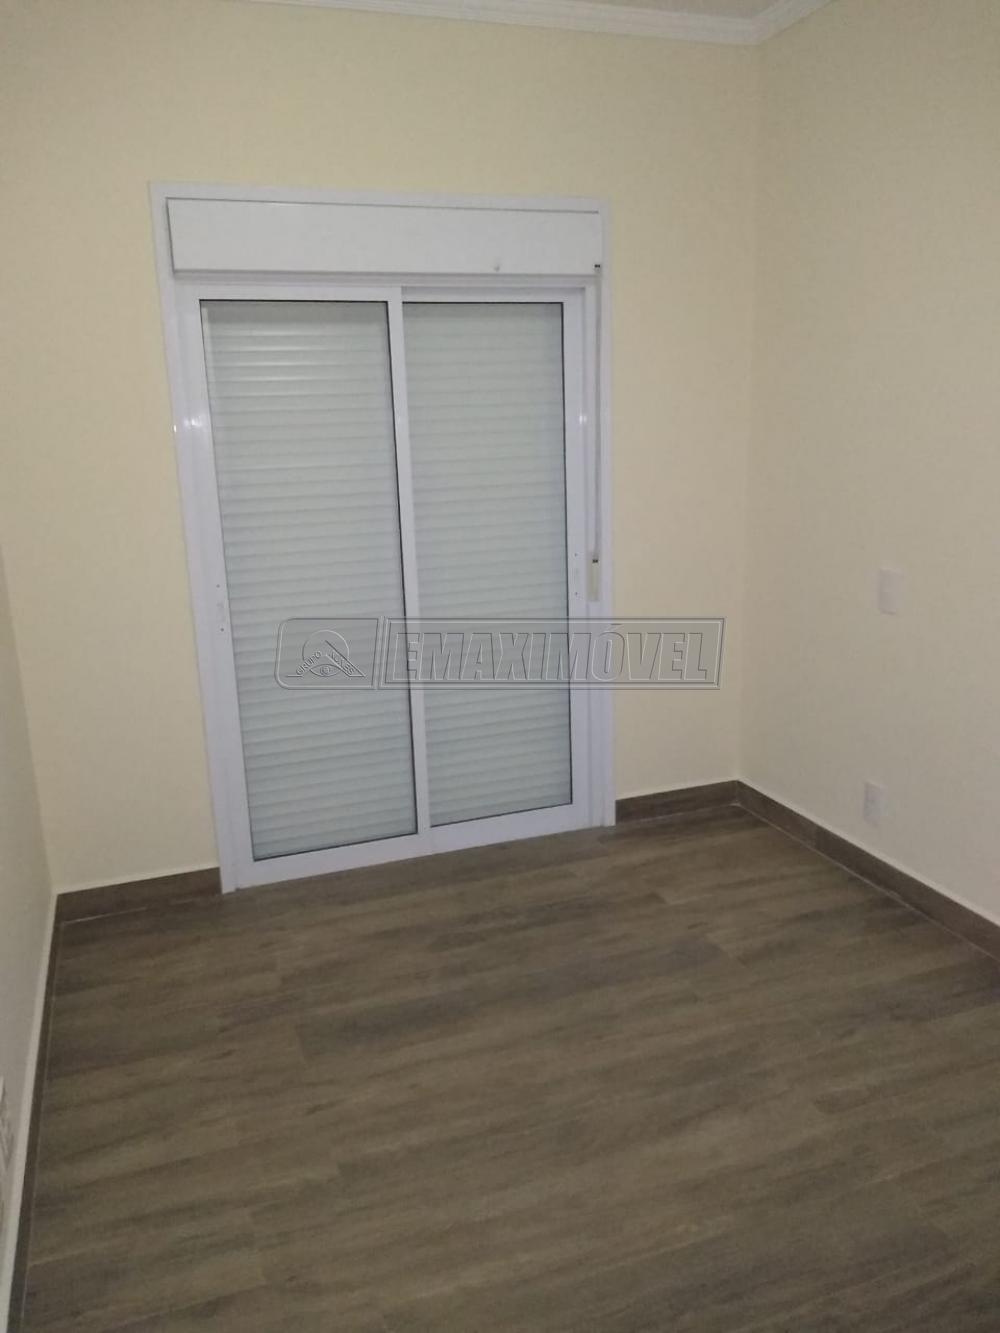 Comprar Apartamentos / Apto Padrão em Sorocaba apenas R$ 490.000,00 - Foto 13